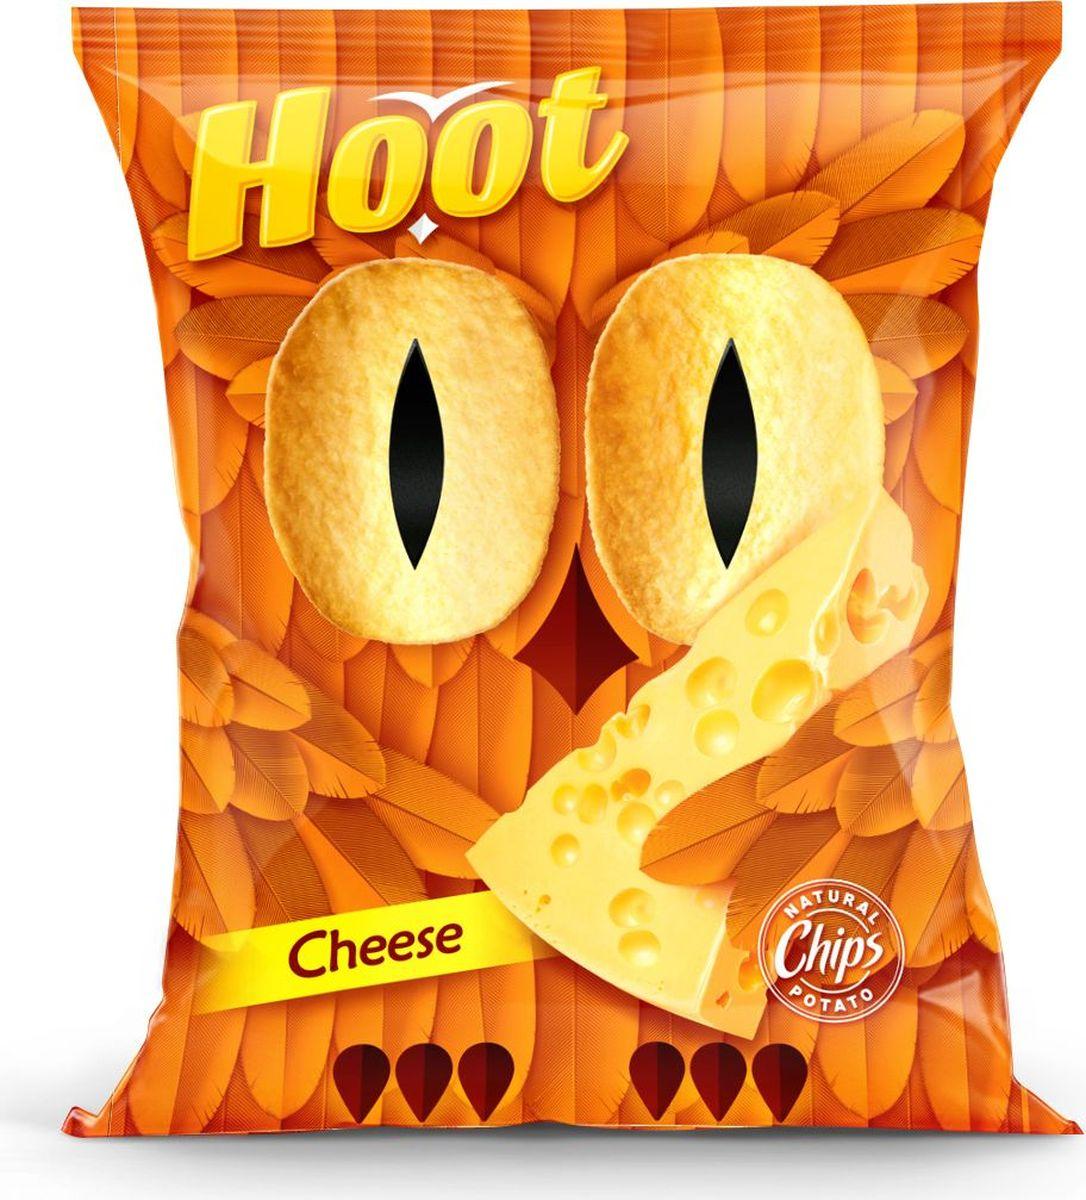 Hoot Чипсы, сыр, 150 г lorenz pomsticks картофельные чипсы со вкусом сметаны и специй 100 г